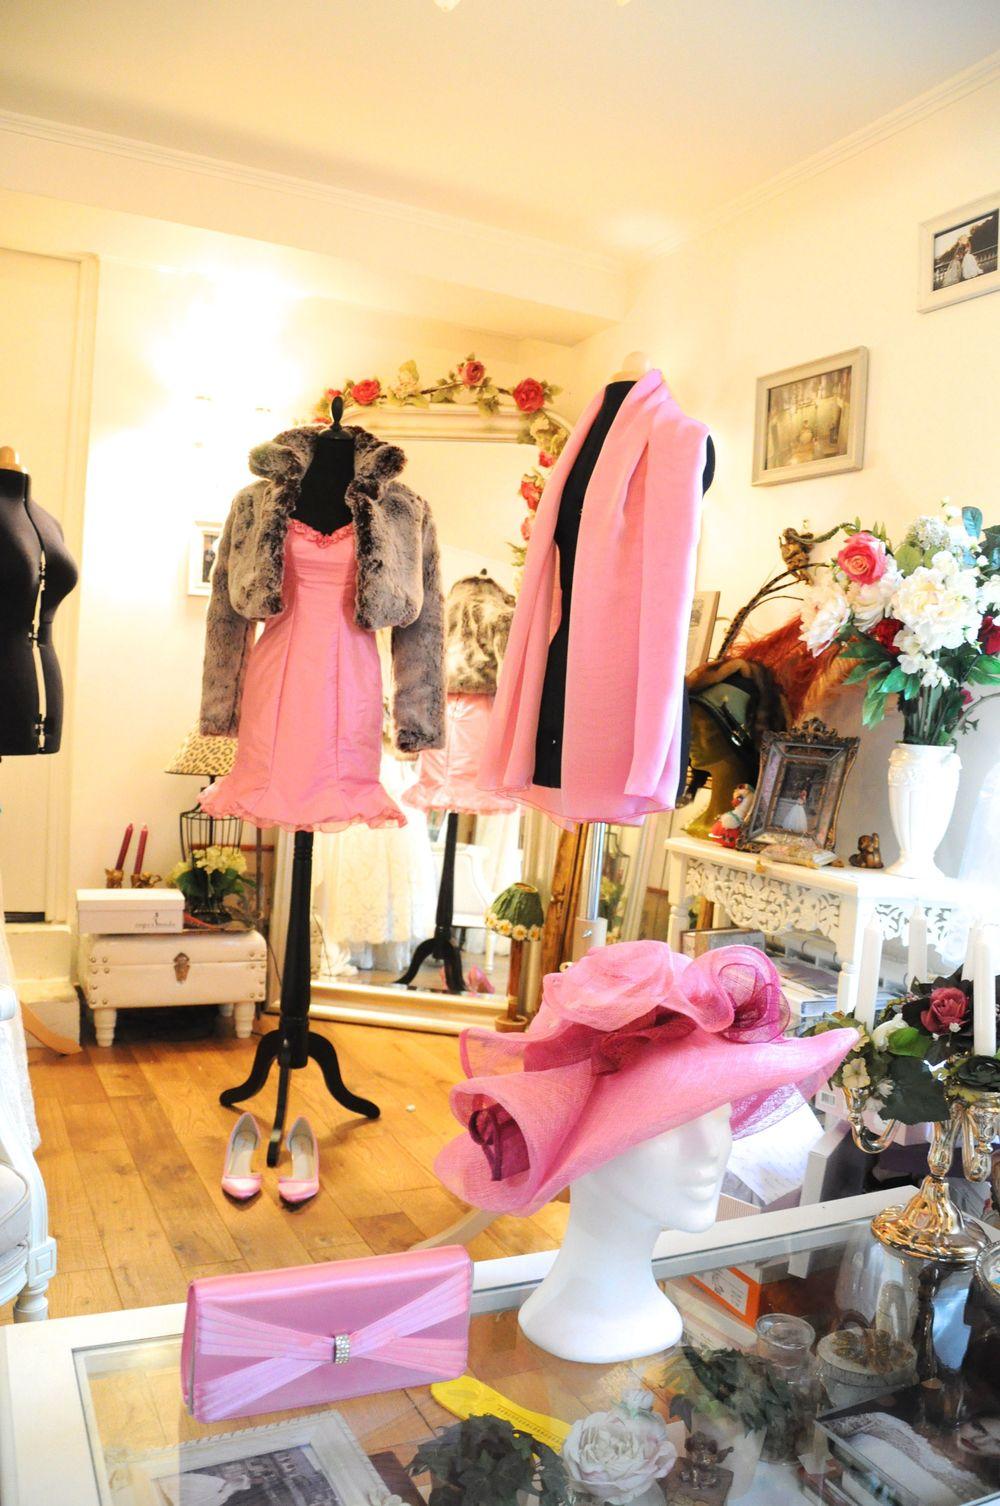 Ensemble en soie rose, étole en mousseline de soie rose, chapeau sur mesure assorti, sac et chaussures assortis